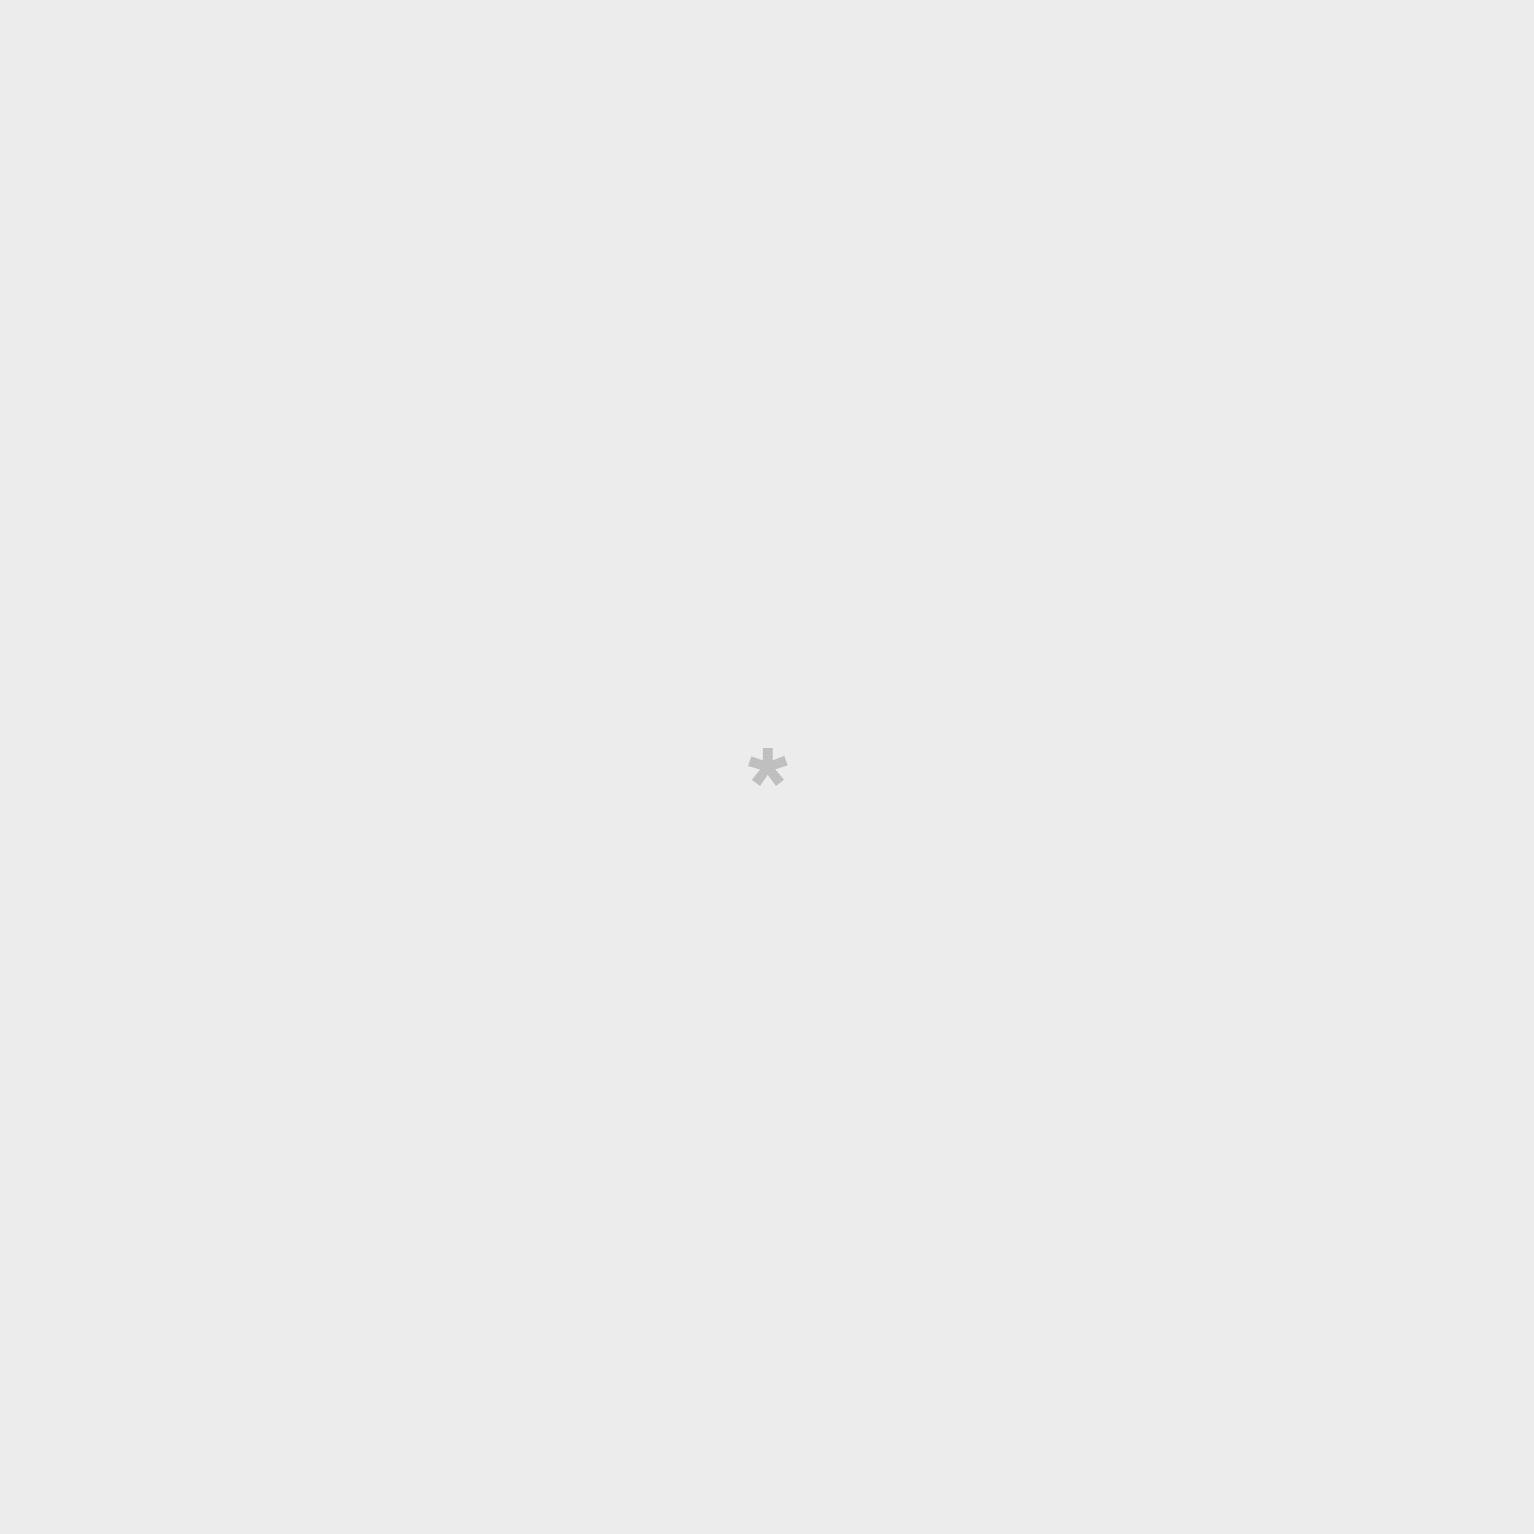 Verre ballon avec roulette - Que se passera-t-il après ce verre ?